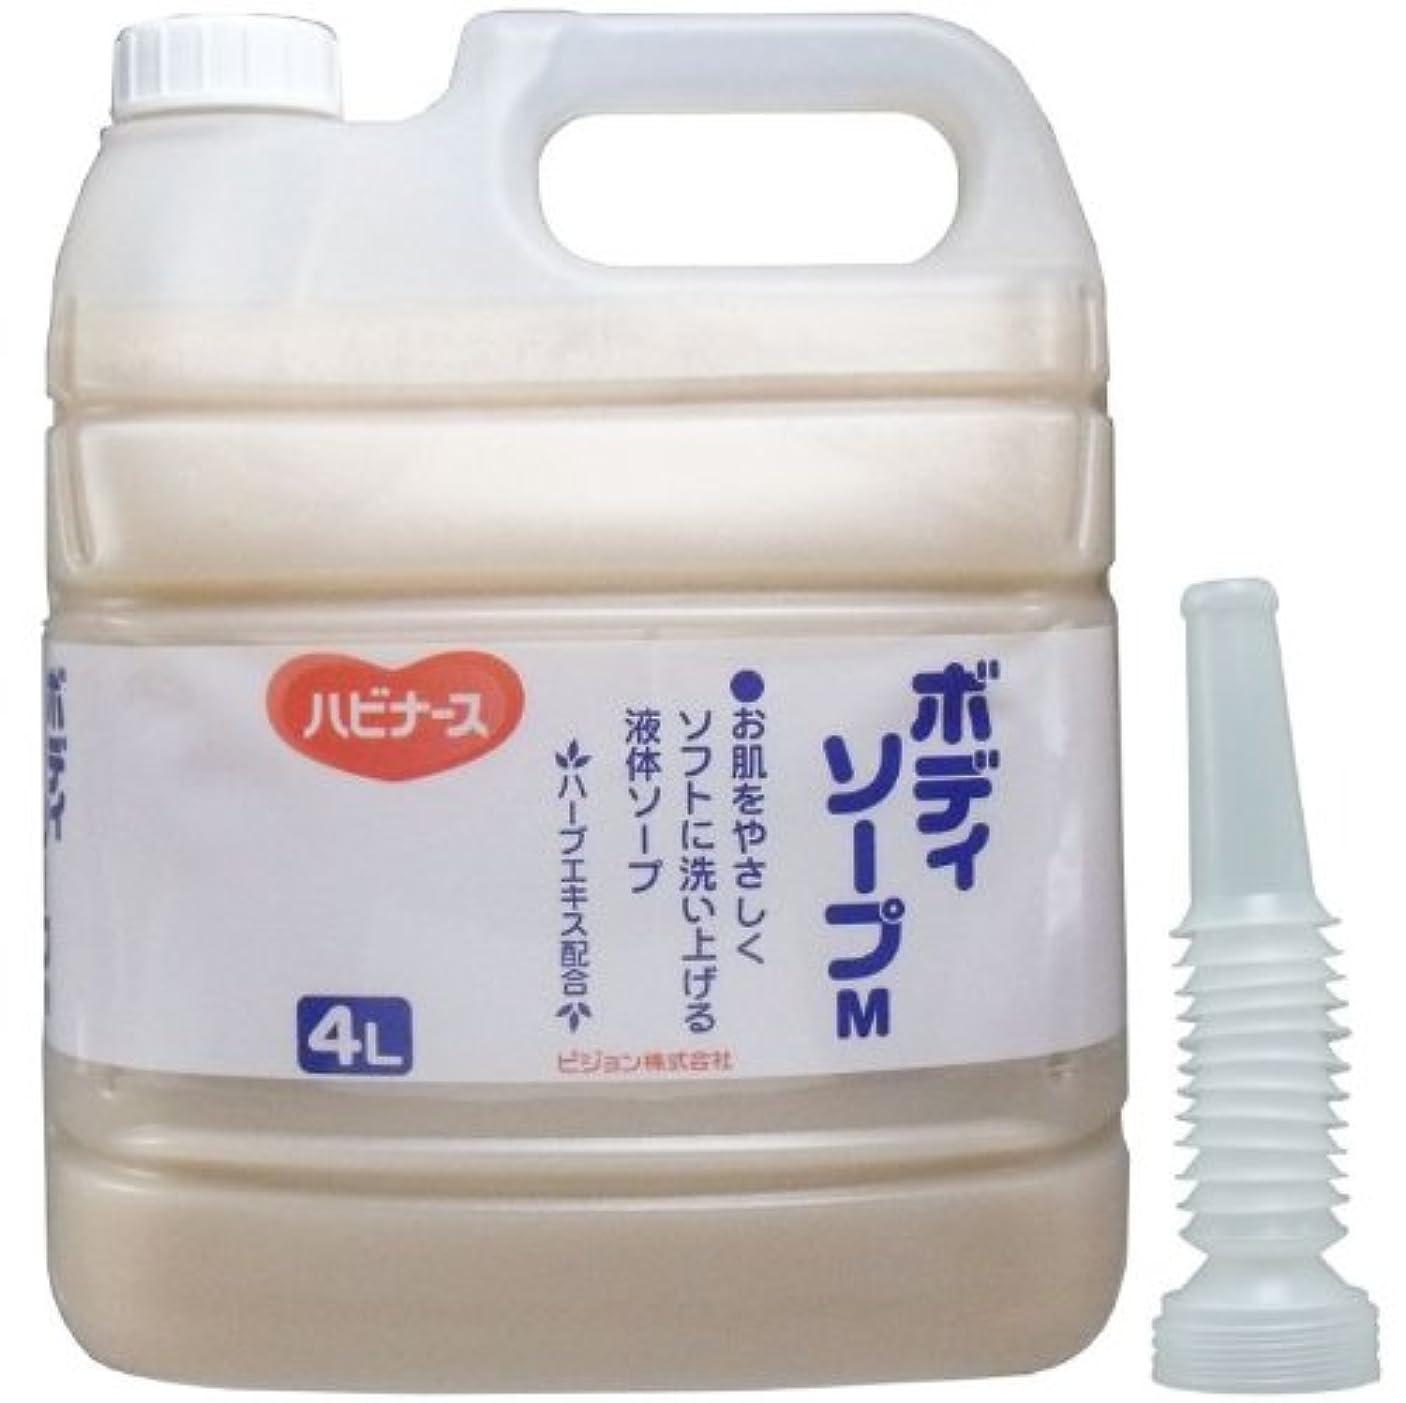 レパートリー高揚したきしむ液体ソープ ボディソープ 風呂 石ケン お肌をやさしくソフトに洗い上げる!業務用 4L【4個セット】